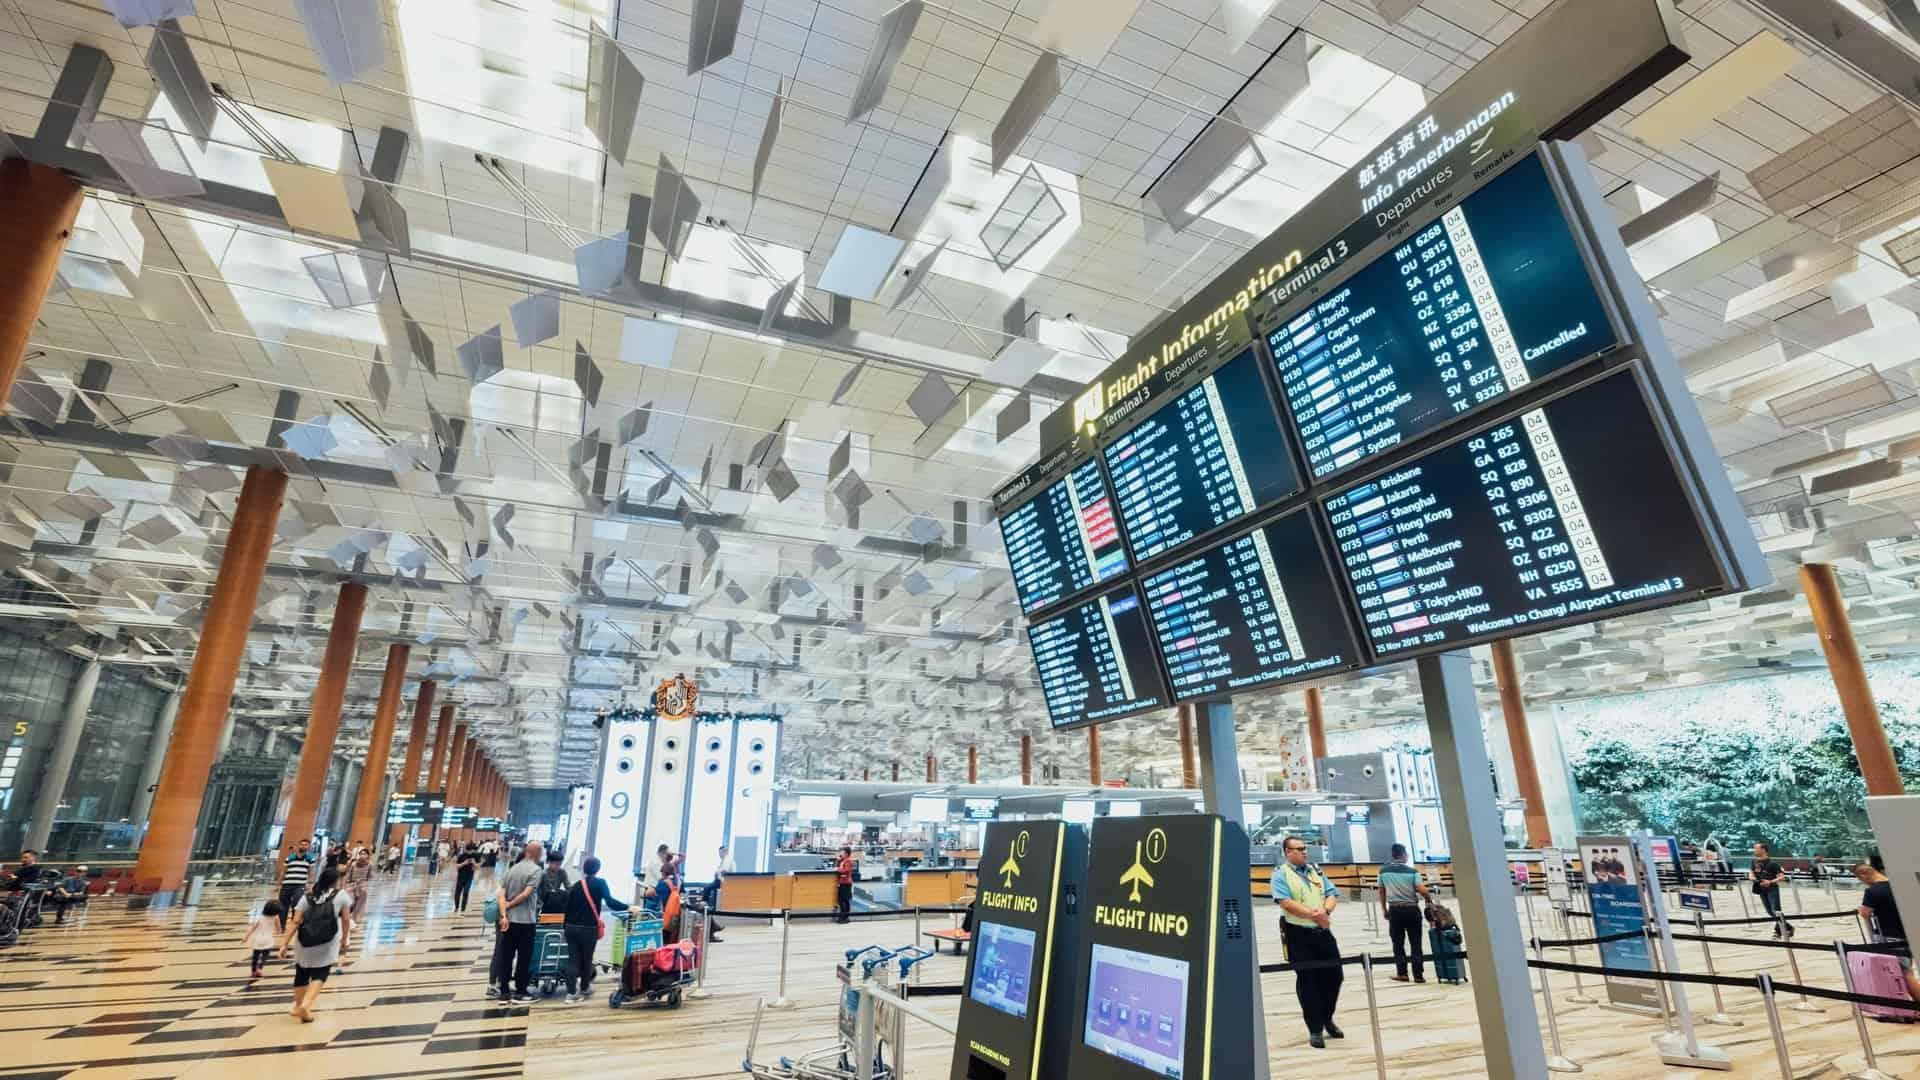 La aerolínea Delta Air Line colaborará con el gobierno estadounidense para lanzar un programa de contacto de turistas internacionales